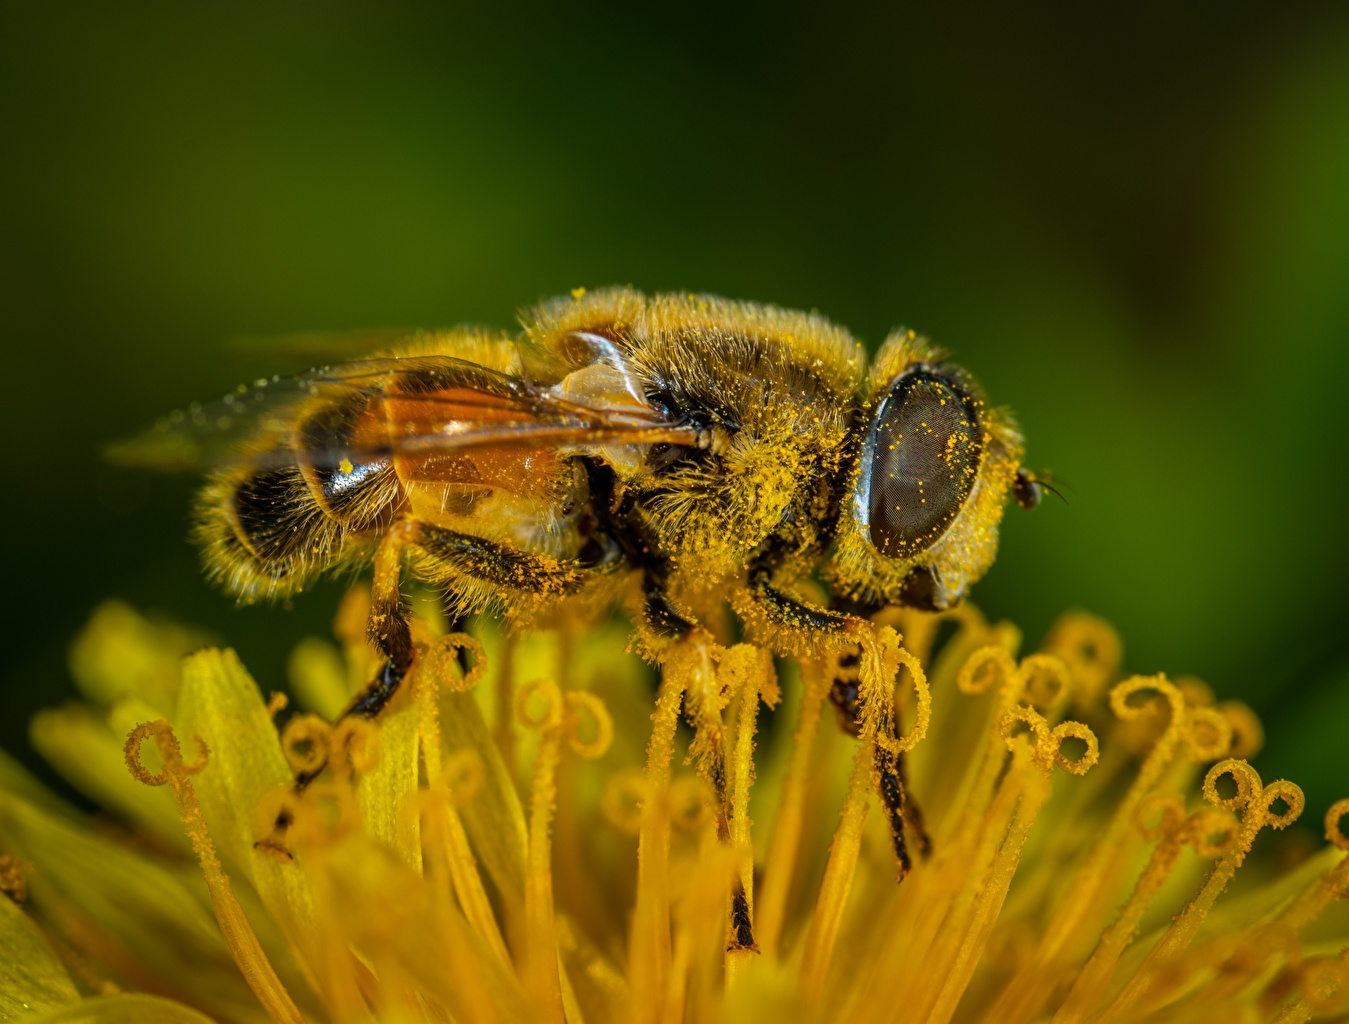 Обои для рабочего стола Пчелы насекомое Пыльца Макросъёмка вблизи животное Насекомые пыльцой Макро Животные Крупным планом